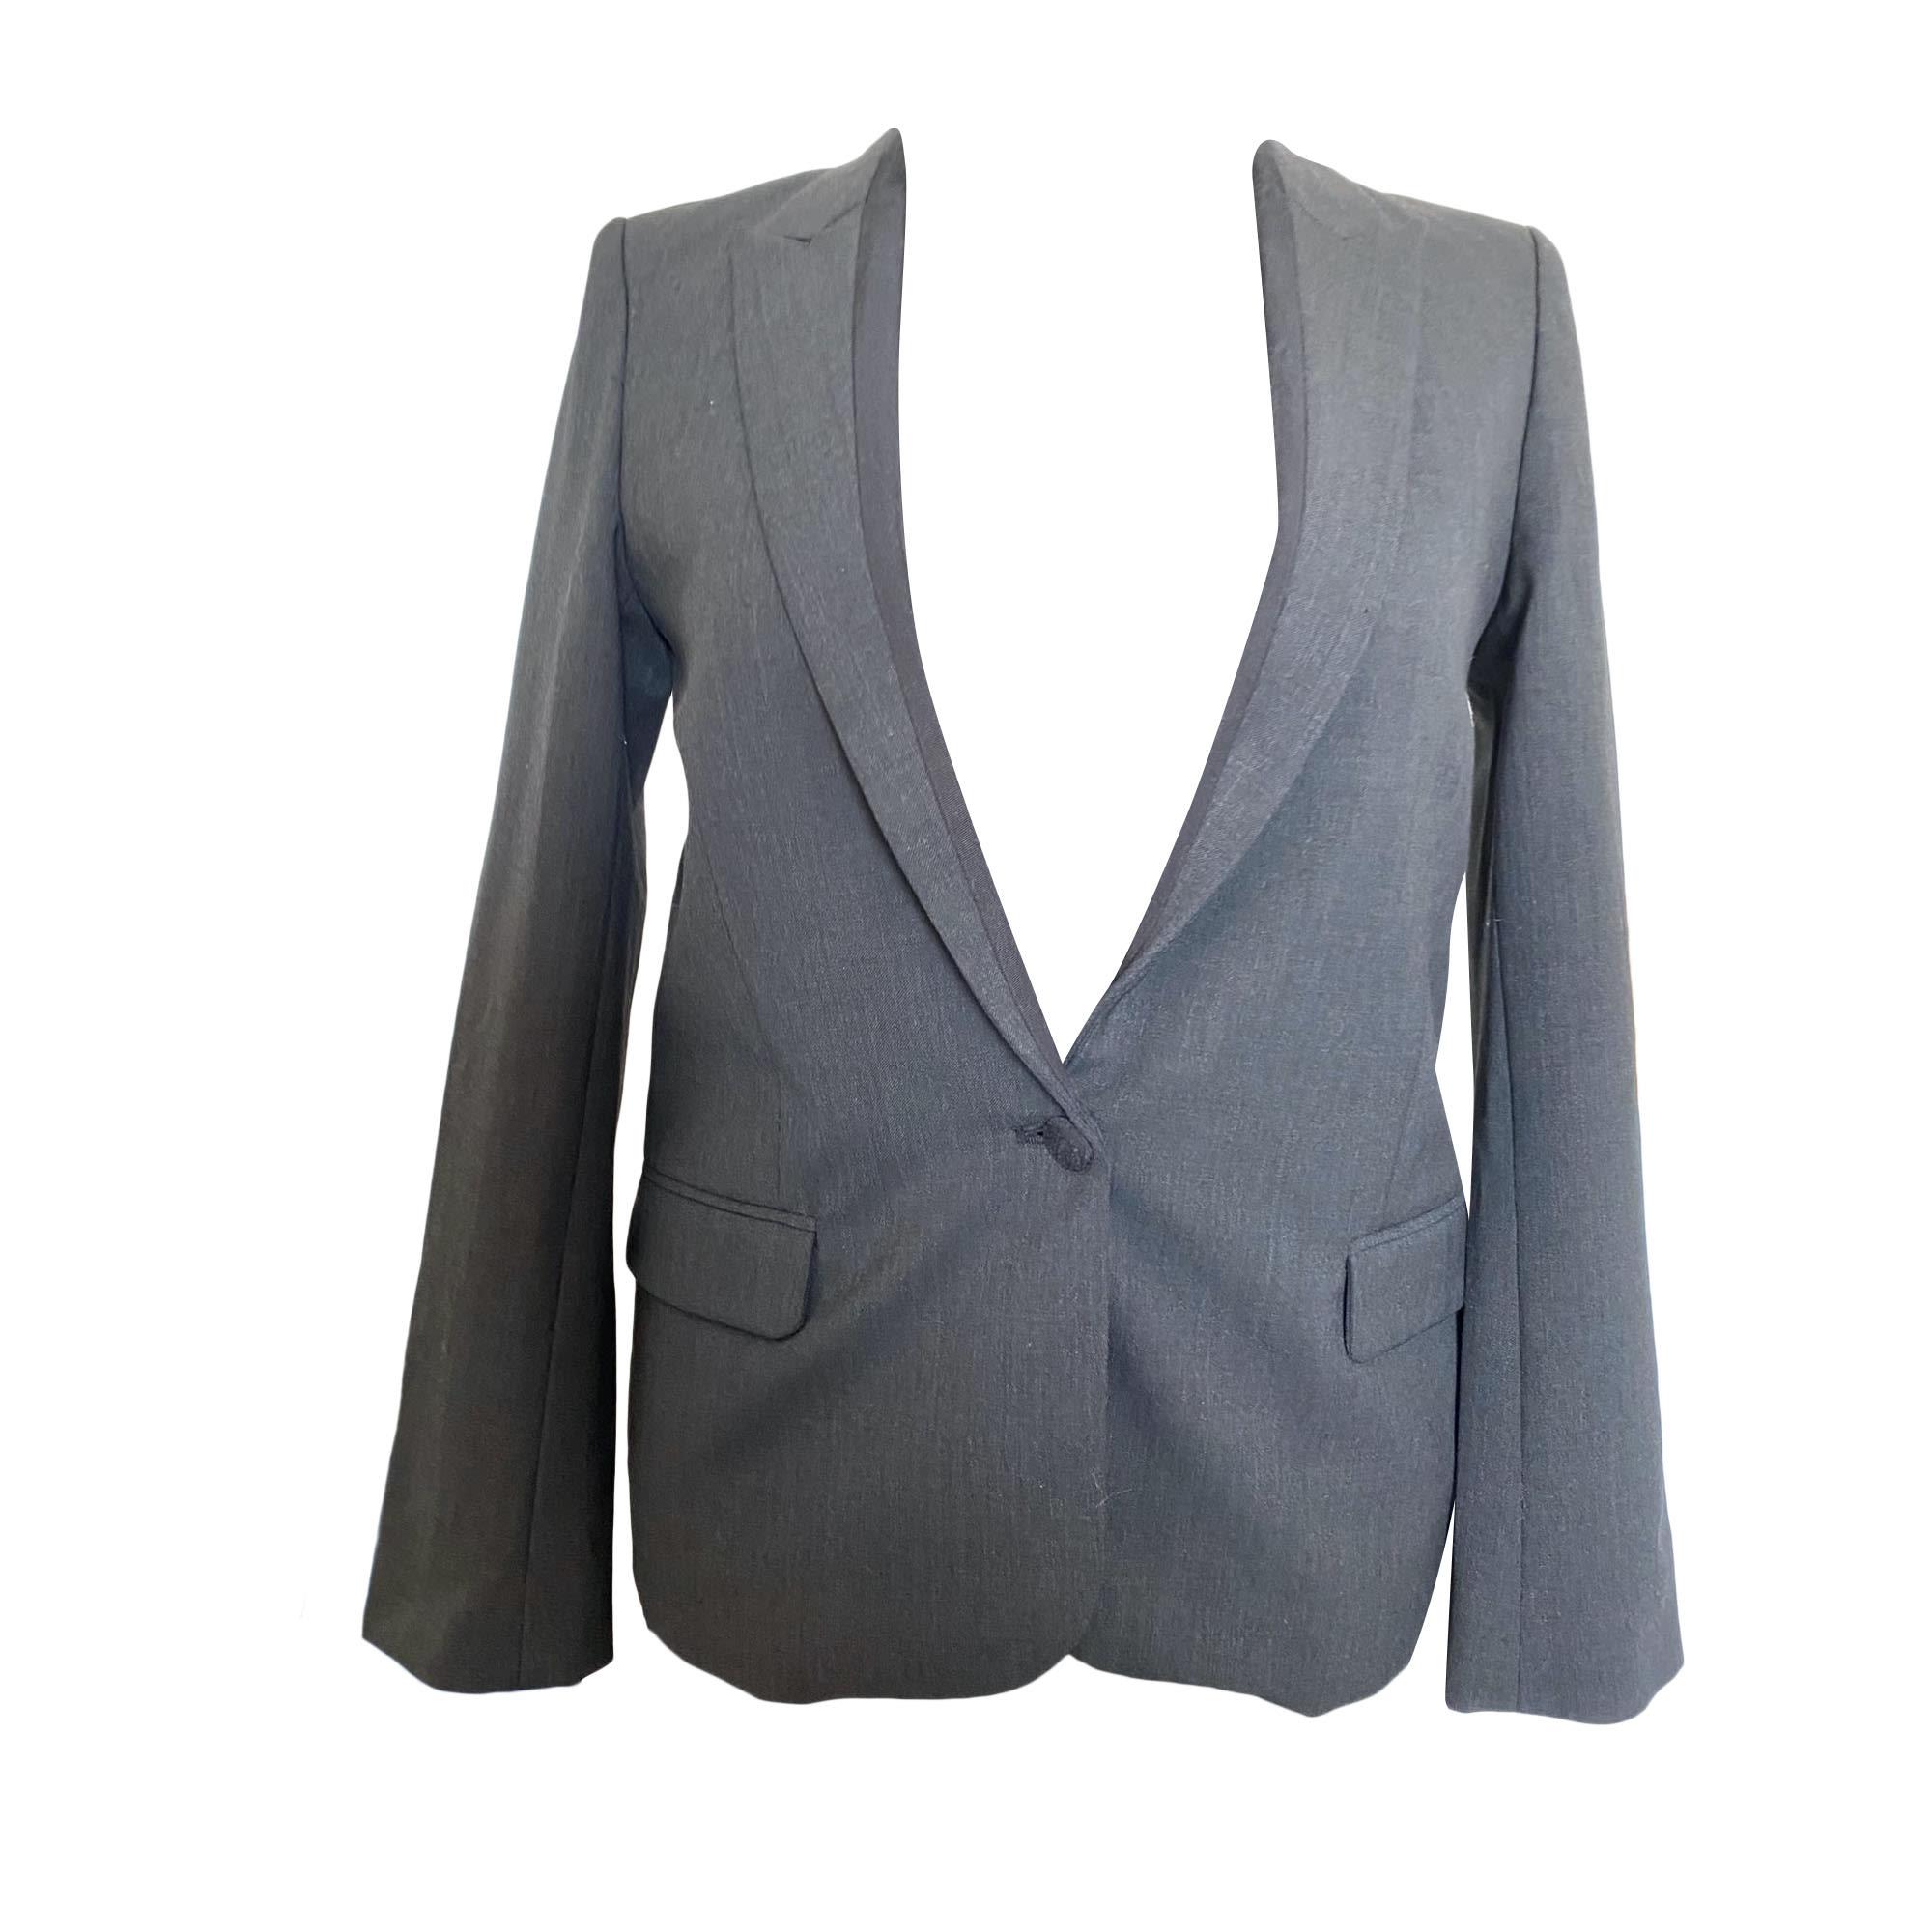 Blazer, veste tailleur ZADIG & VOLTAIRE Gris, anthracite